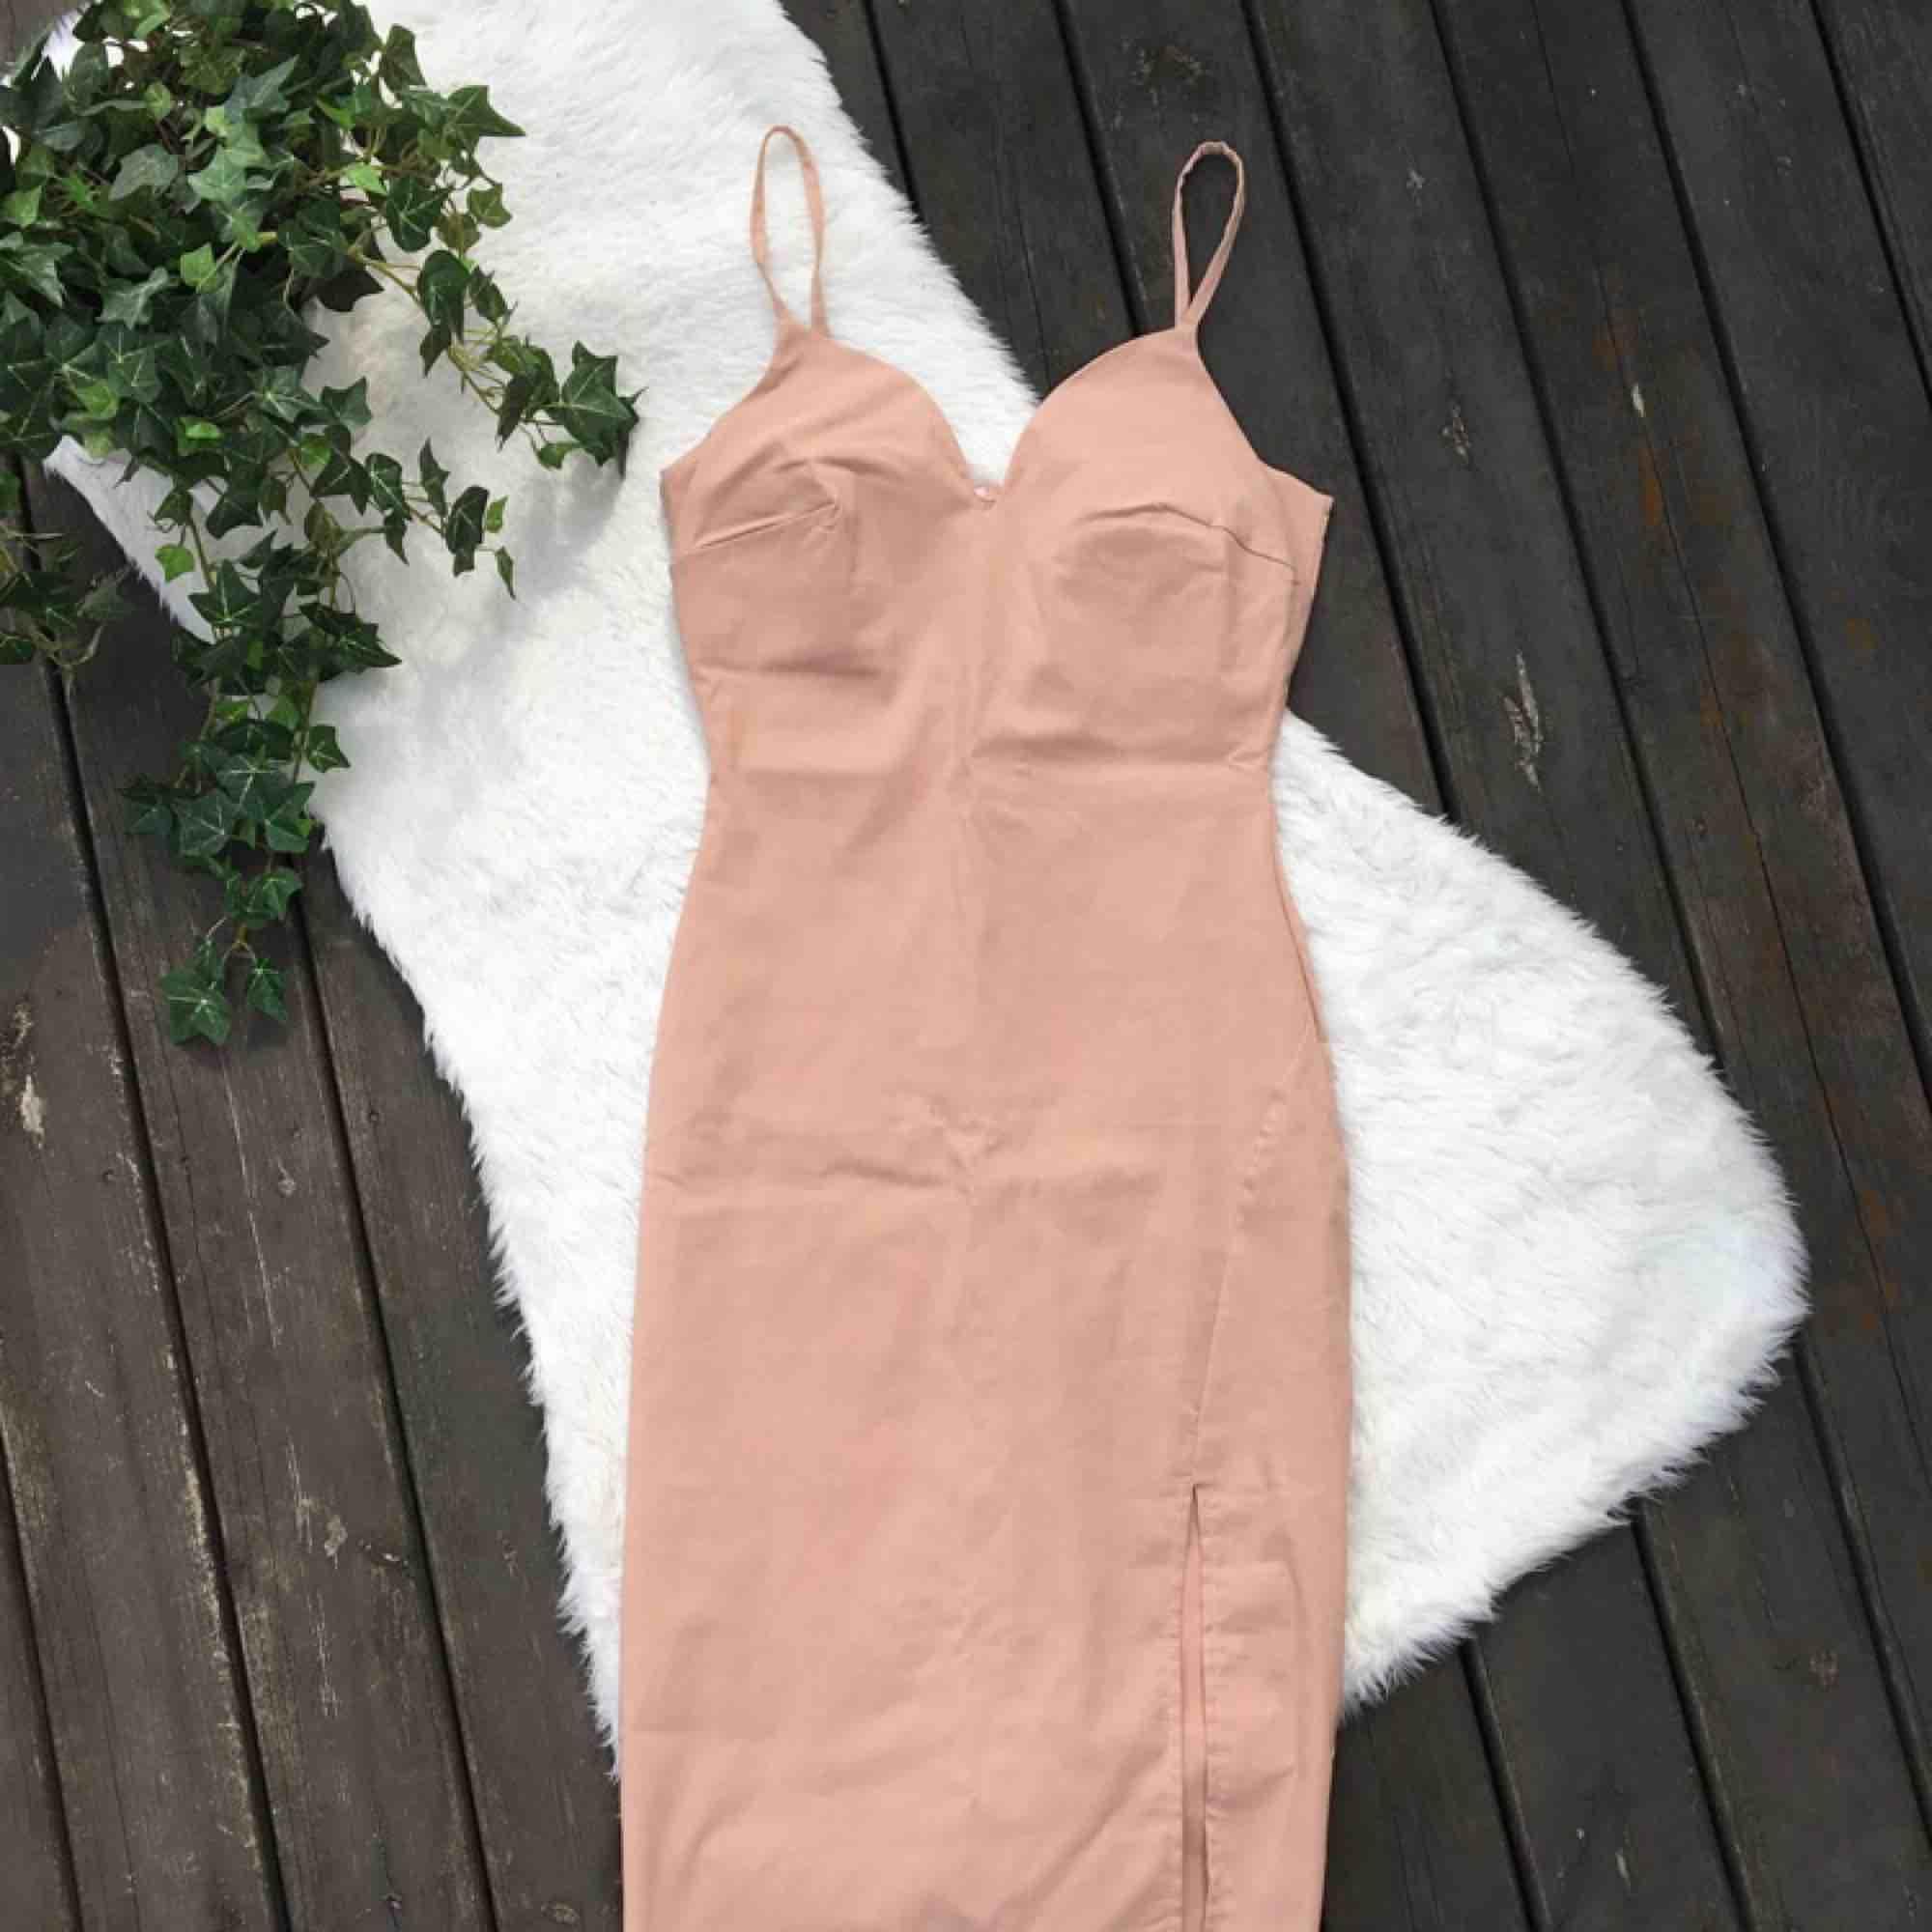 Jätte jättefin klänning i färgen nude. Storlek S. Kommer tyvärr inte ihåg vart den är köpt då jag klippt bort lappen. Den är använd endast ett fåtal gånger men önskar den kommit mer till användning. Frakt ingår i priset.. Klänningar.